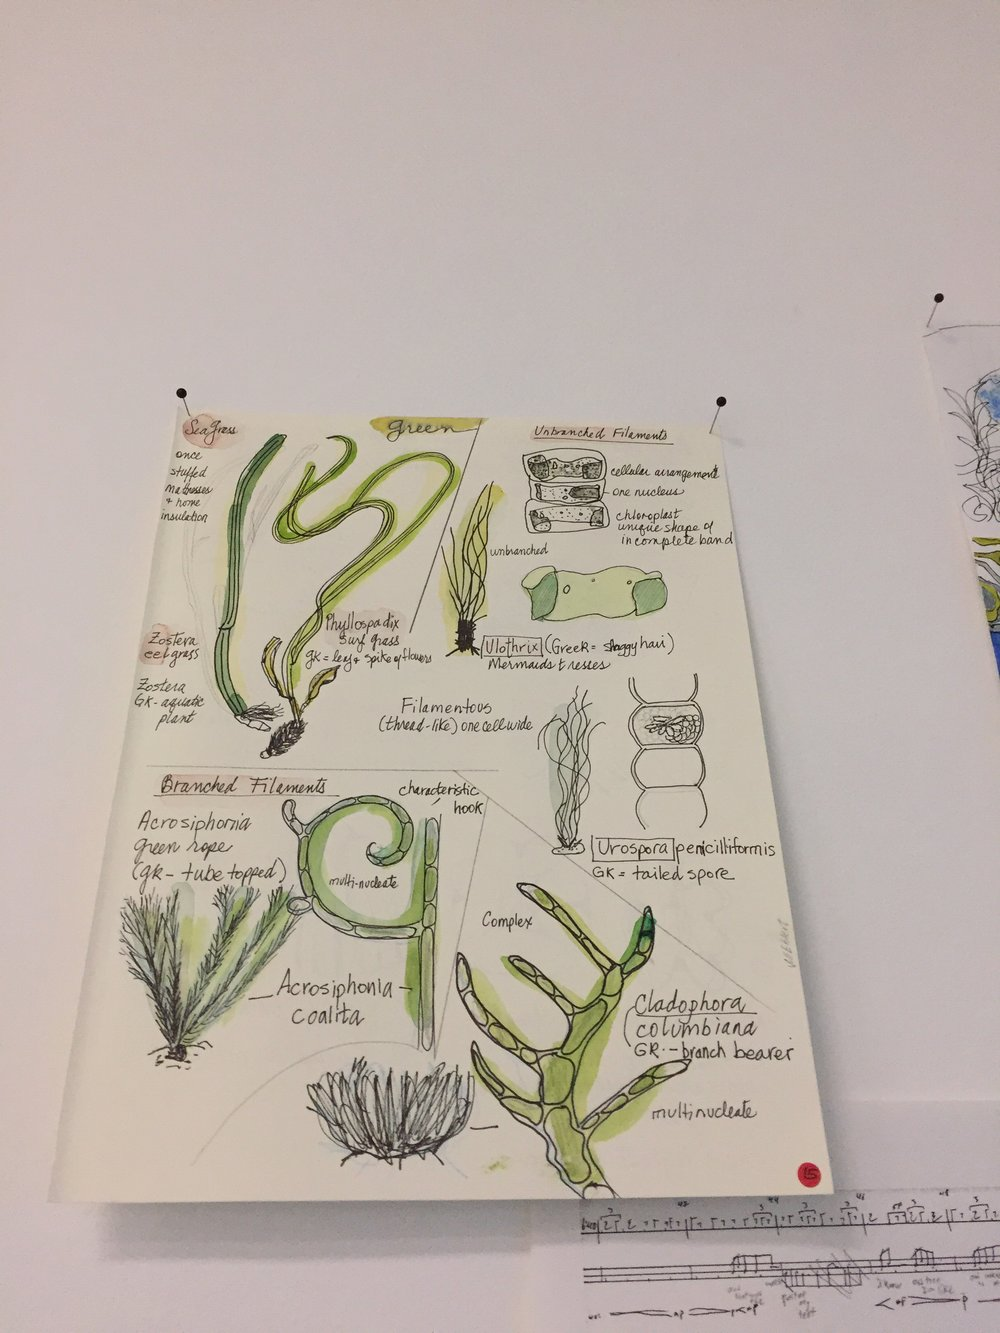 Jill Ehlert - seaweed studies